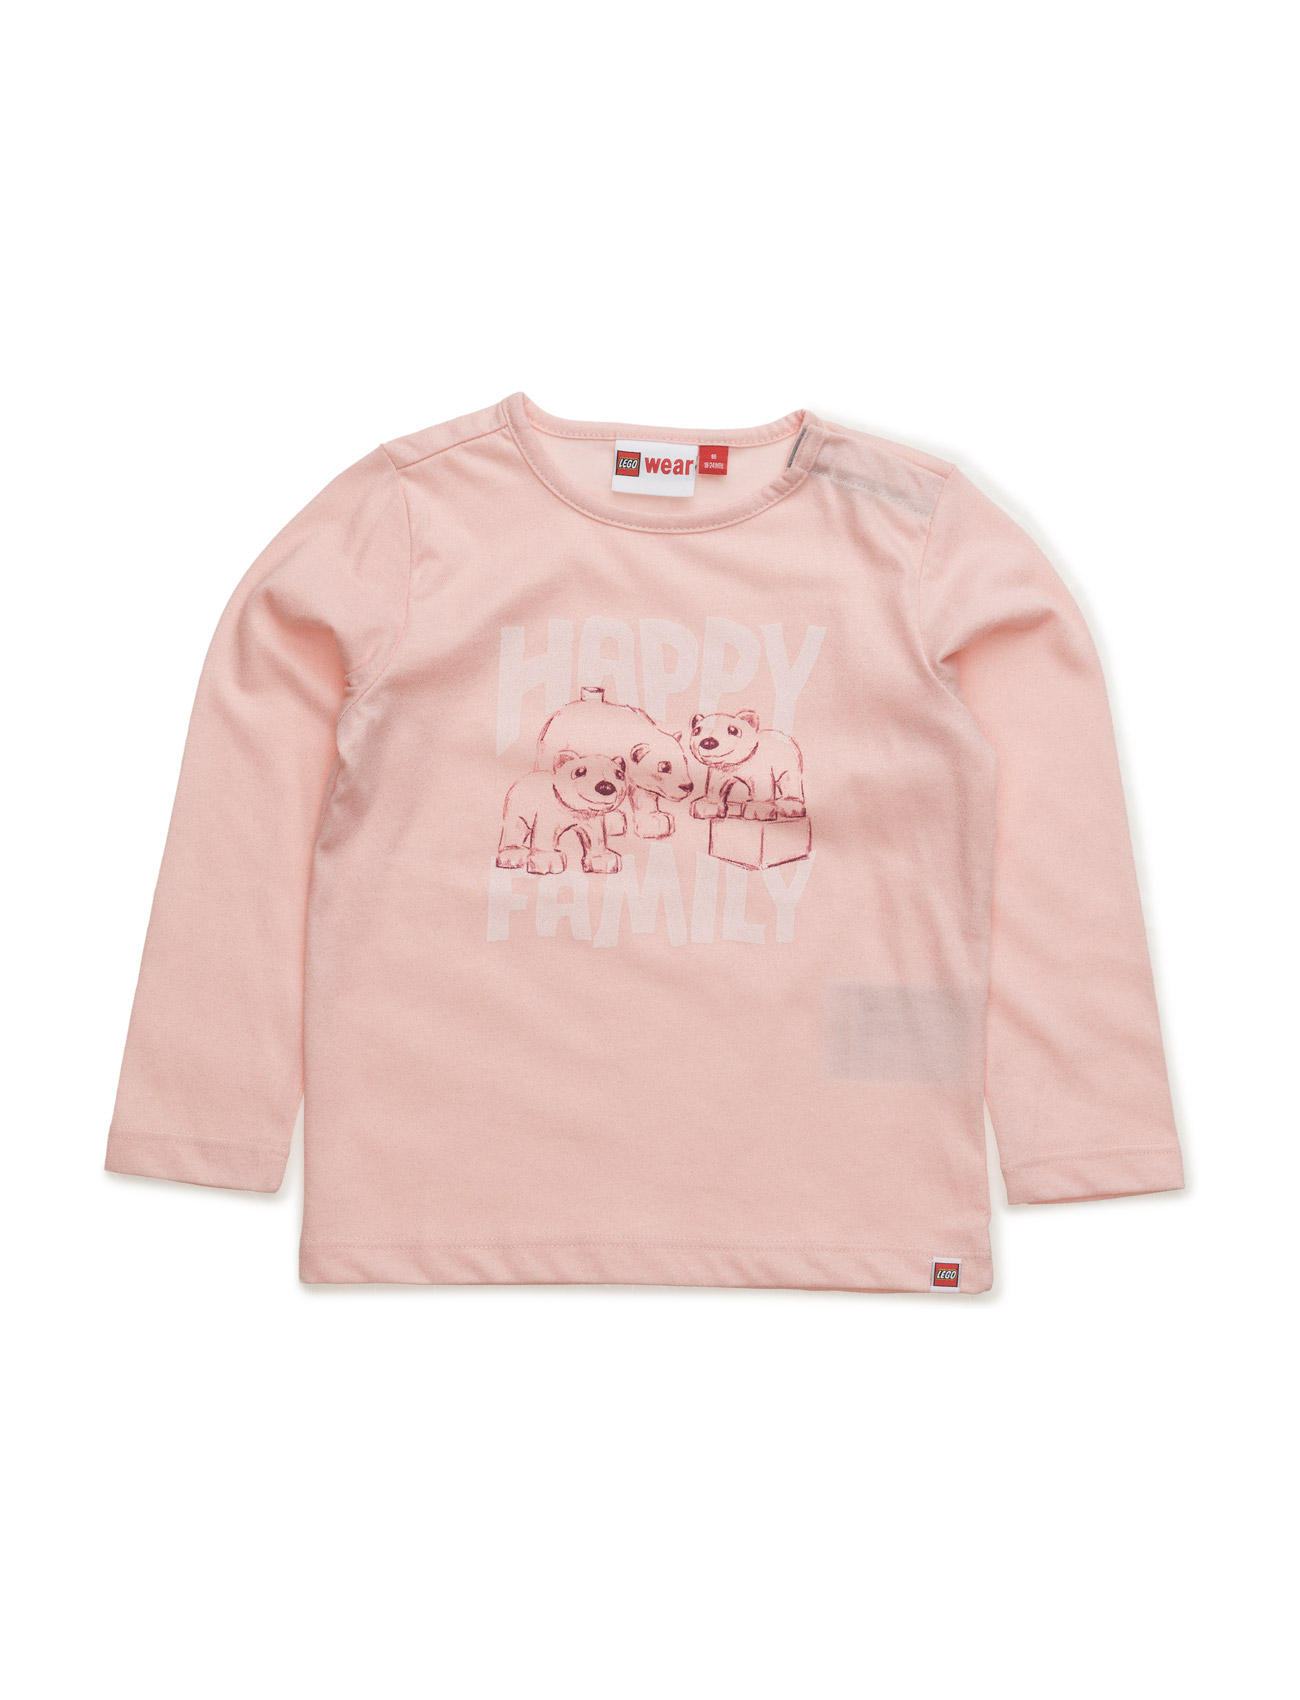 Tiff 703 - T-Shirt L/S Lego wear Langærmede t-shirts til Børn i Rose